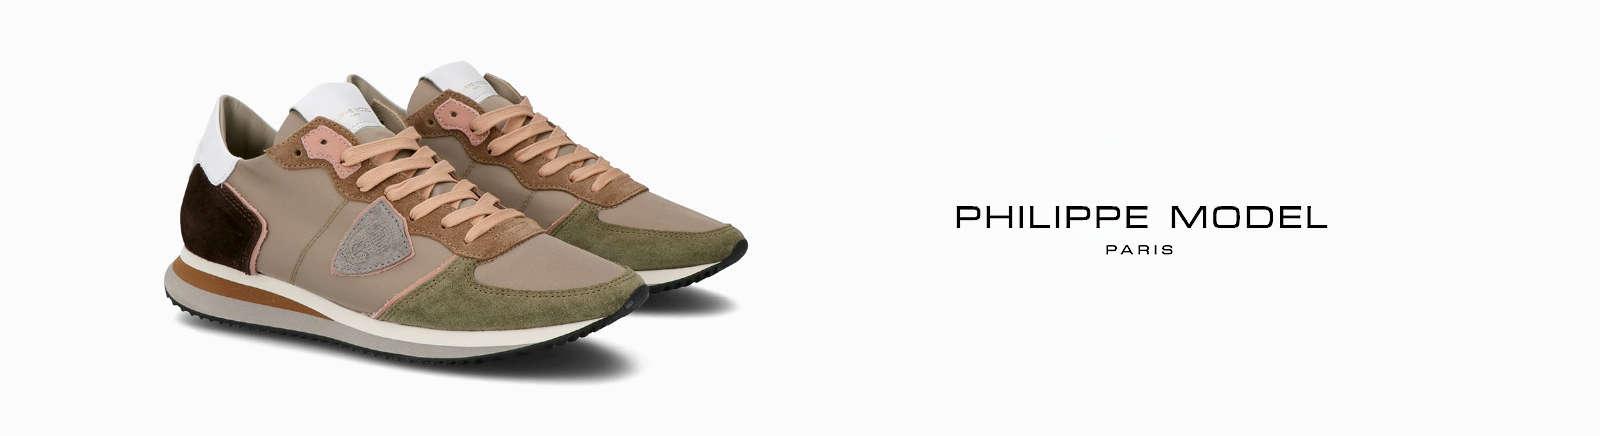 Philippe Model Schuhe online kaufen im Shop von Prange